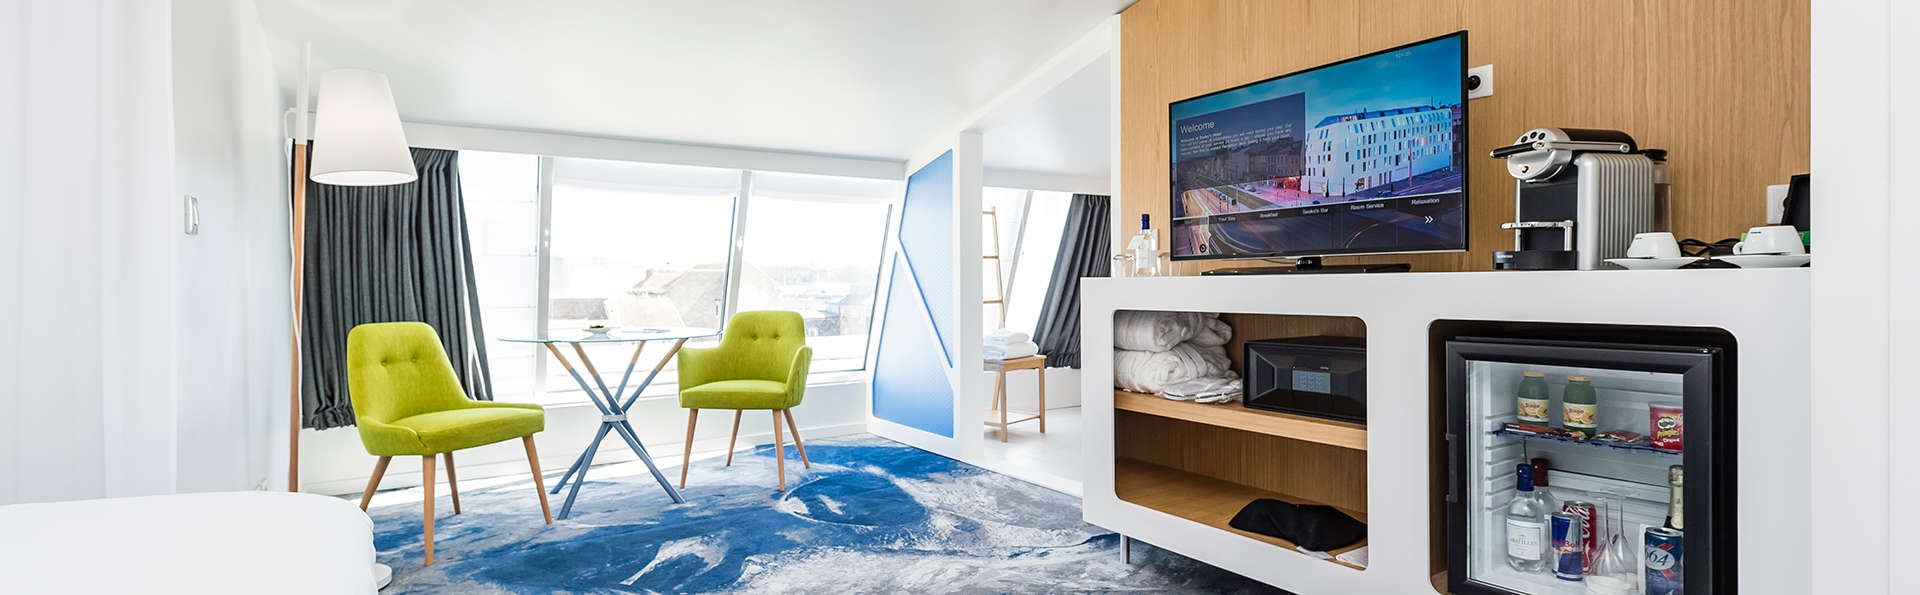 Seeko'o Hôtel Design - EDIT_NEW_Room3.jpg